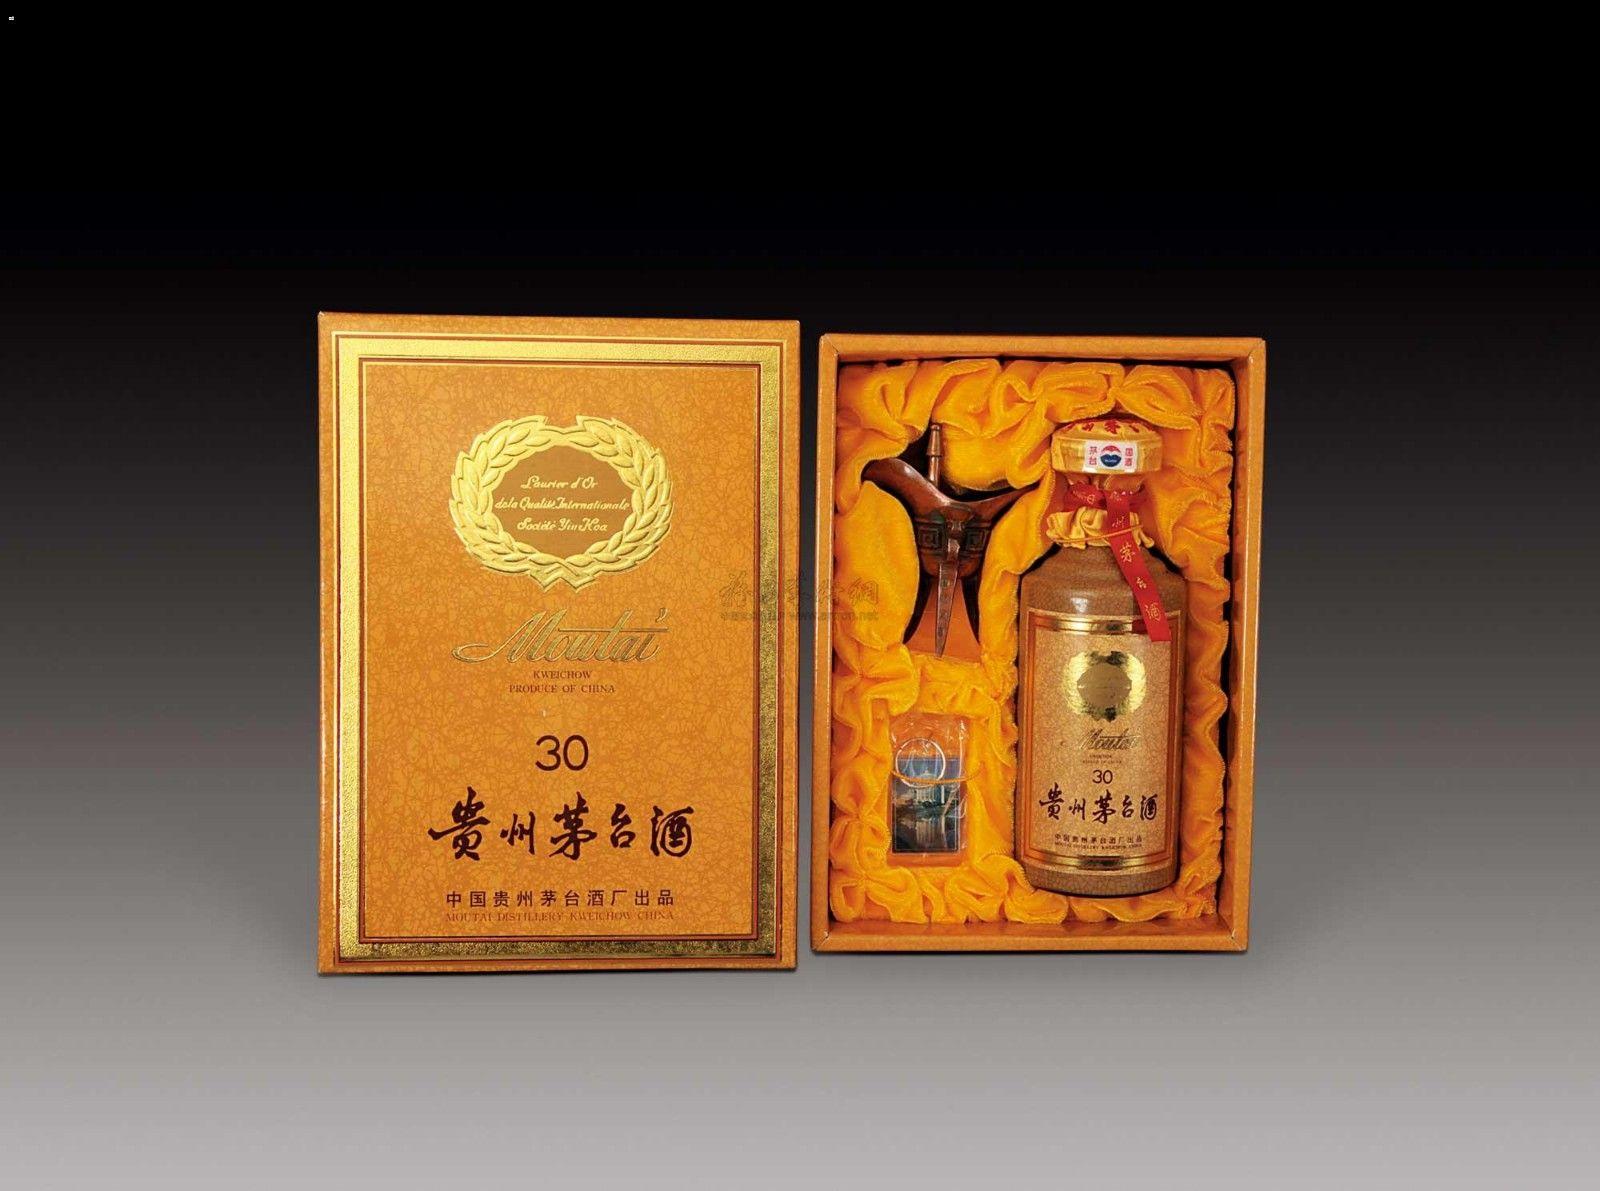 济南济阳四套盒雕塑茅台酒回收价格查询